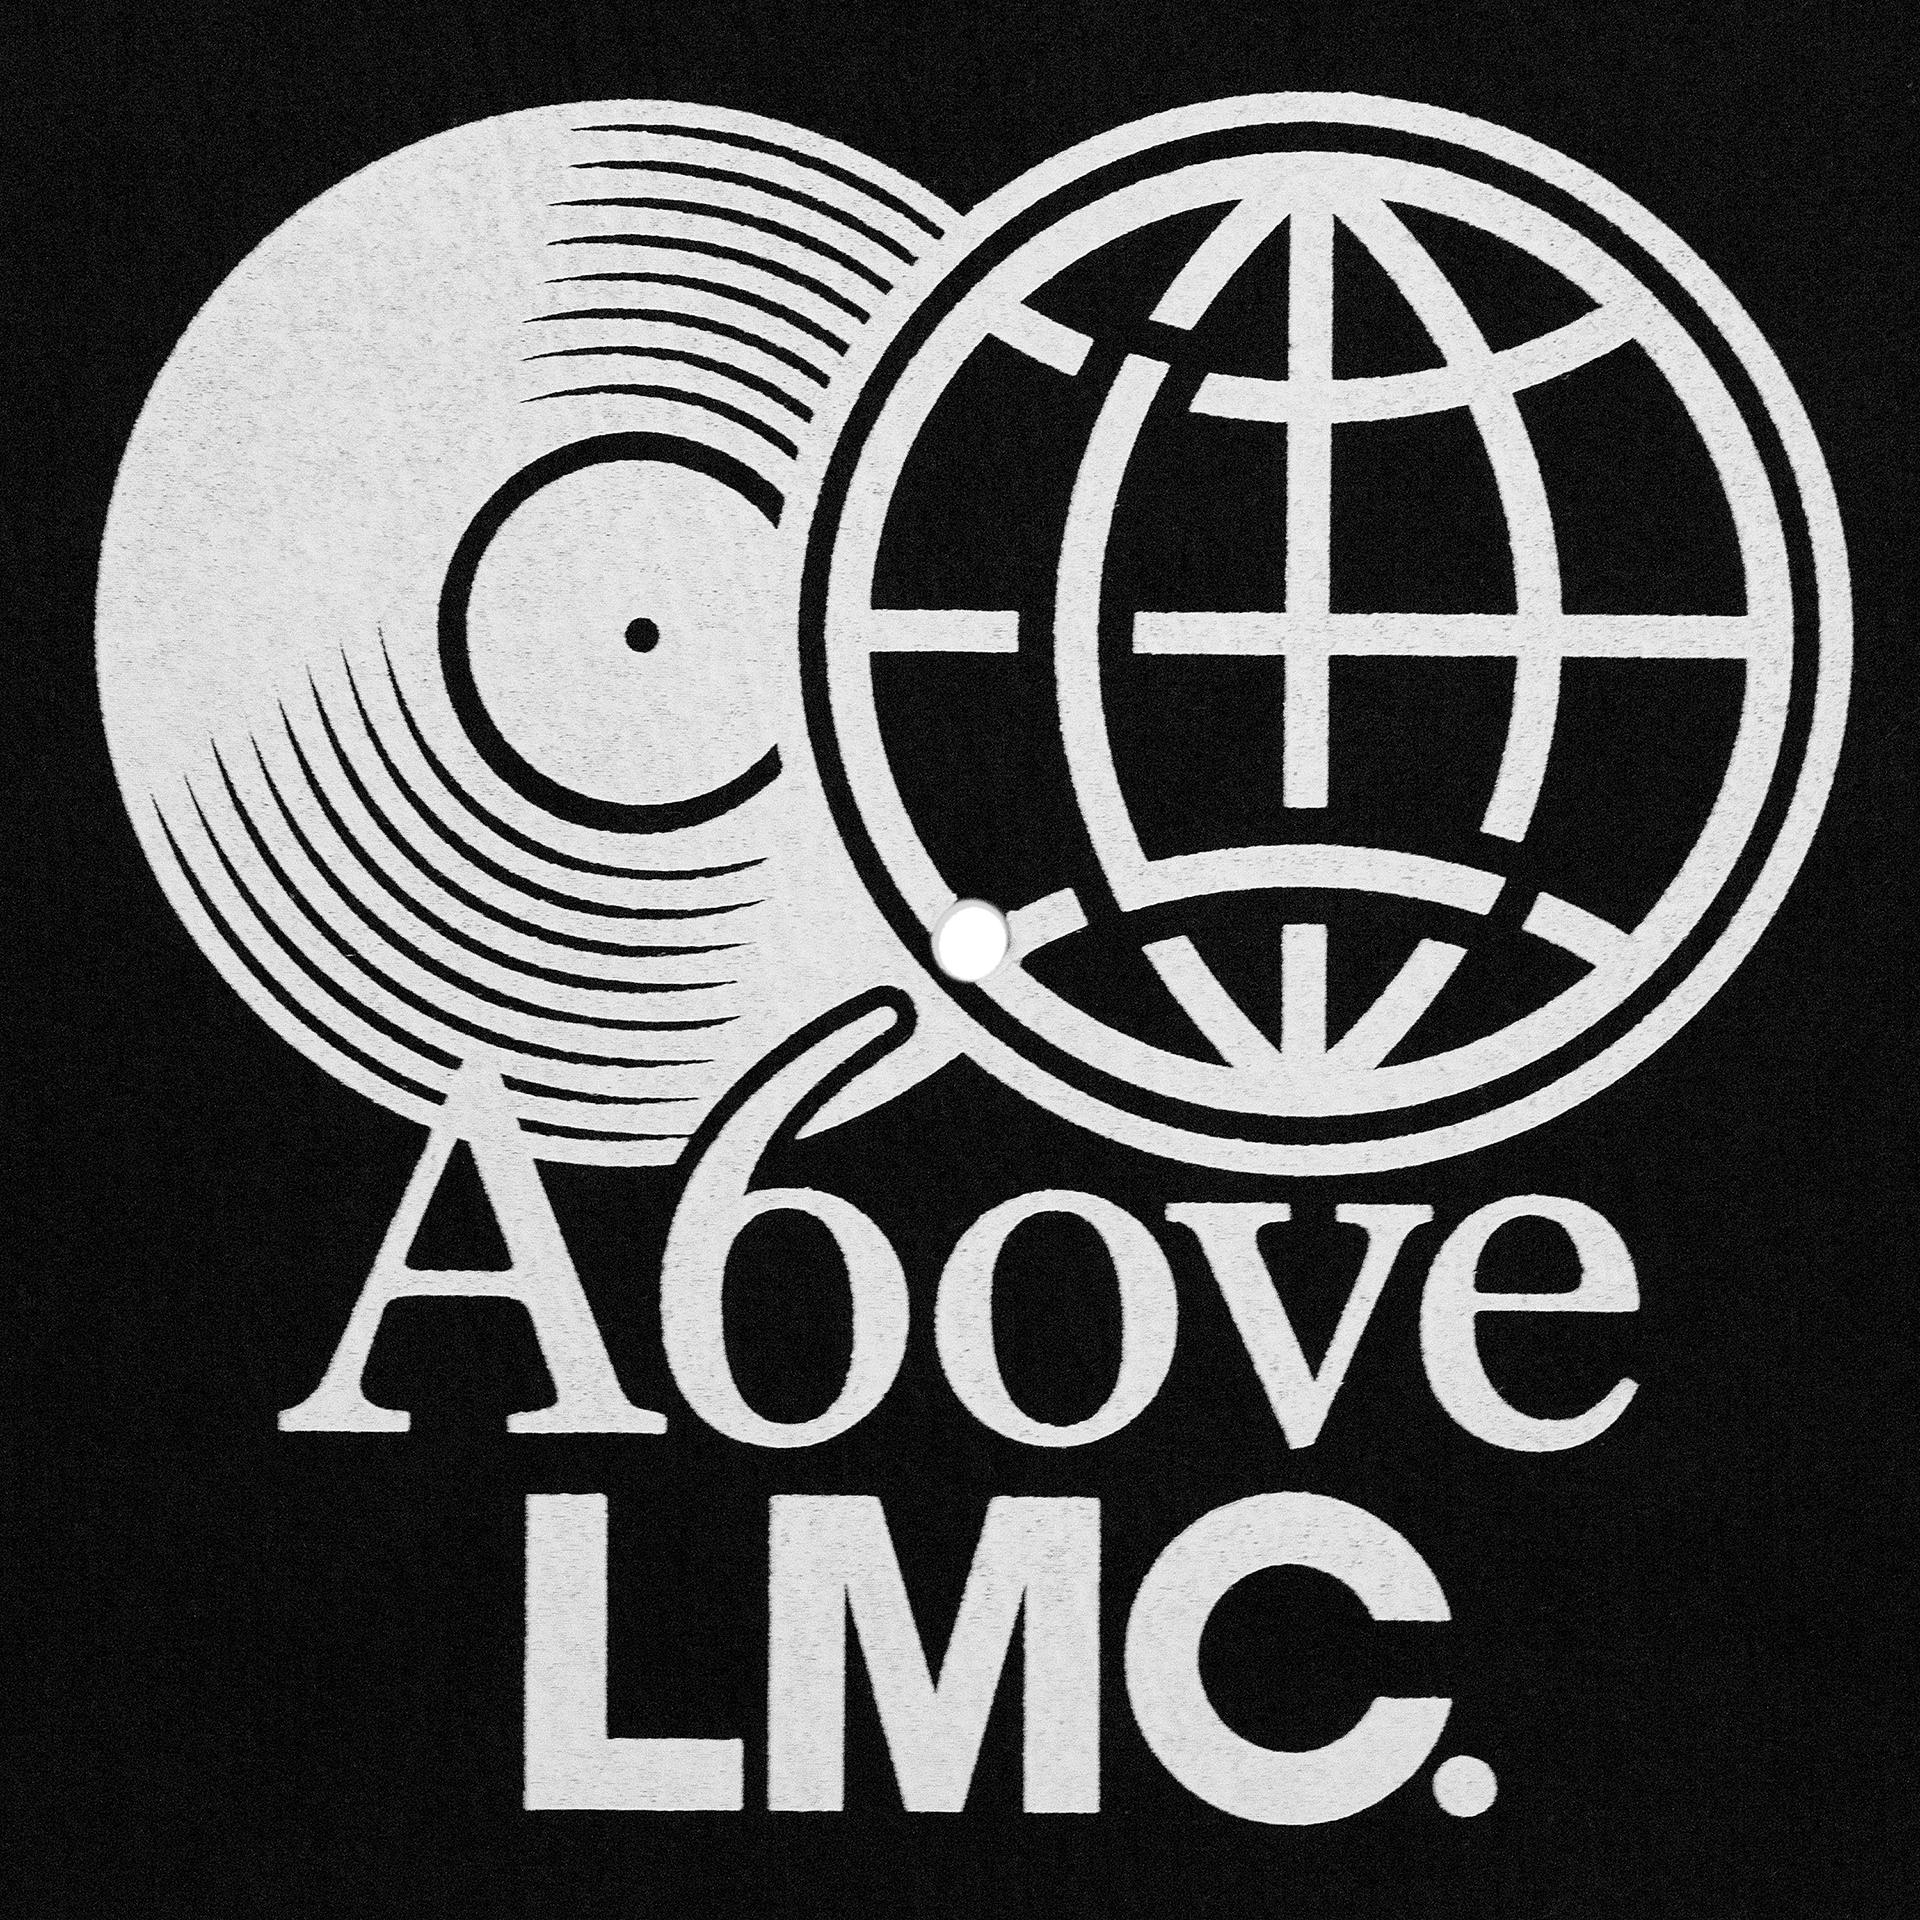 엘엠씨(LMC) LMC X A6OVE FRIENDSHIP MIX SLIPMATS